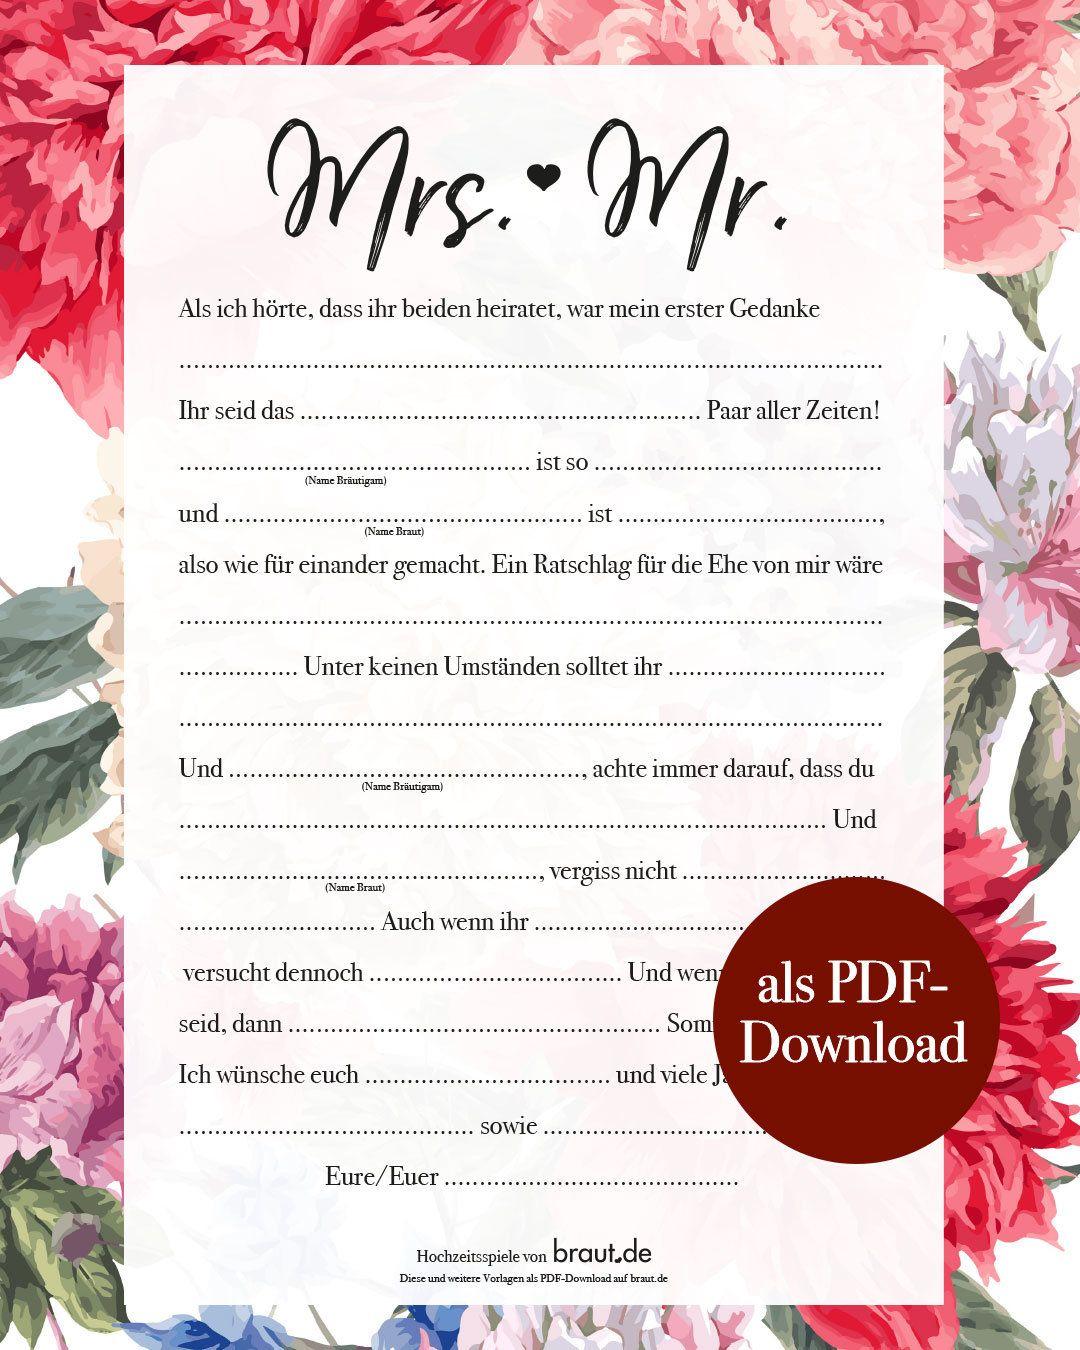 Lustige Hochzeitsspiele für Gäste - Heiraten mit braut.de in 2020 | Hochzeit spiele